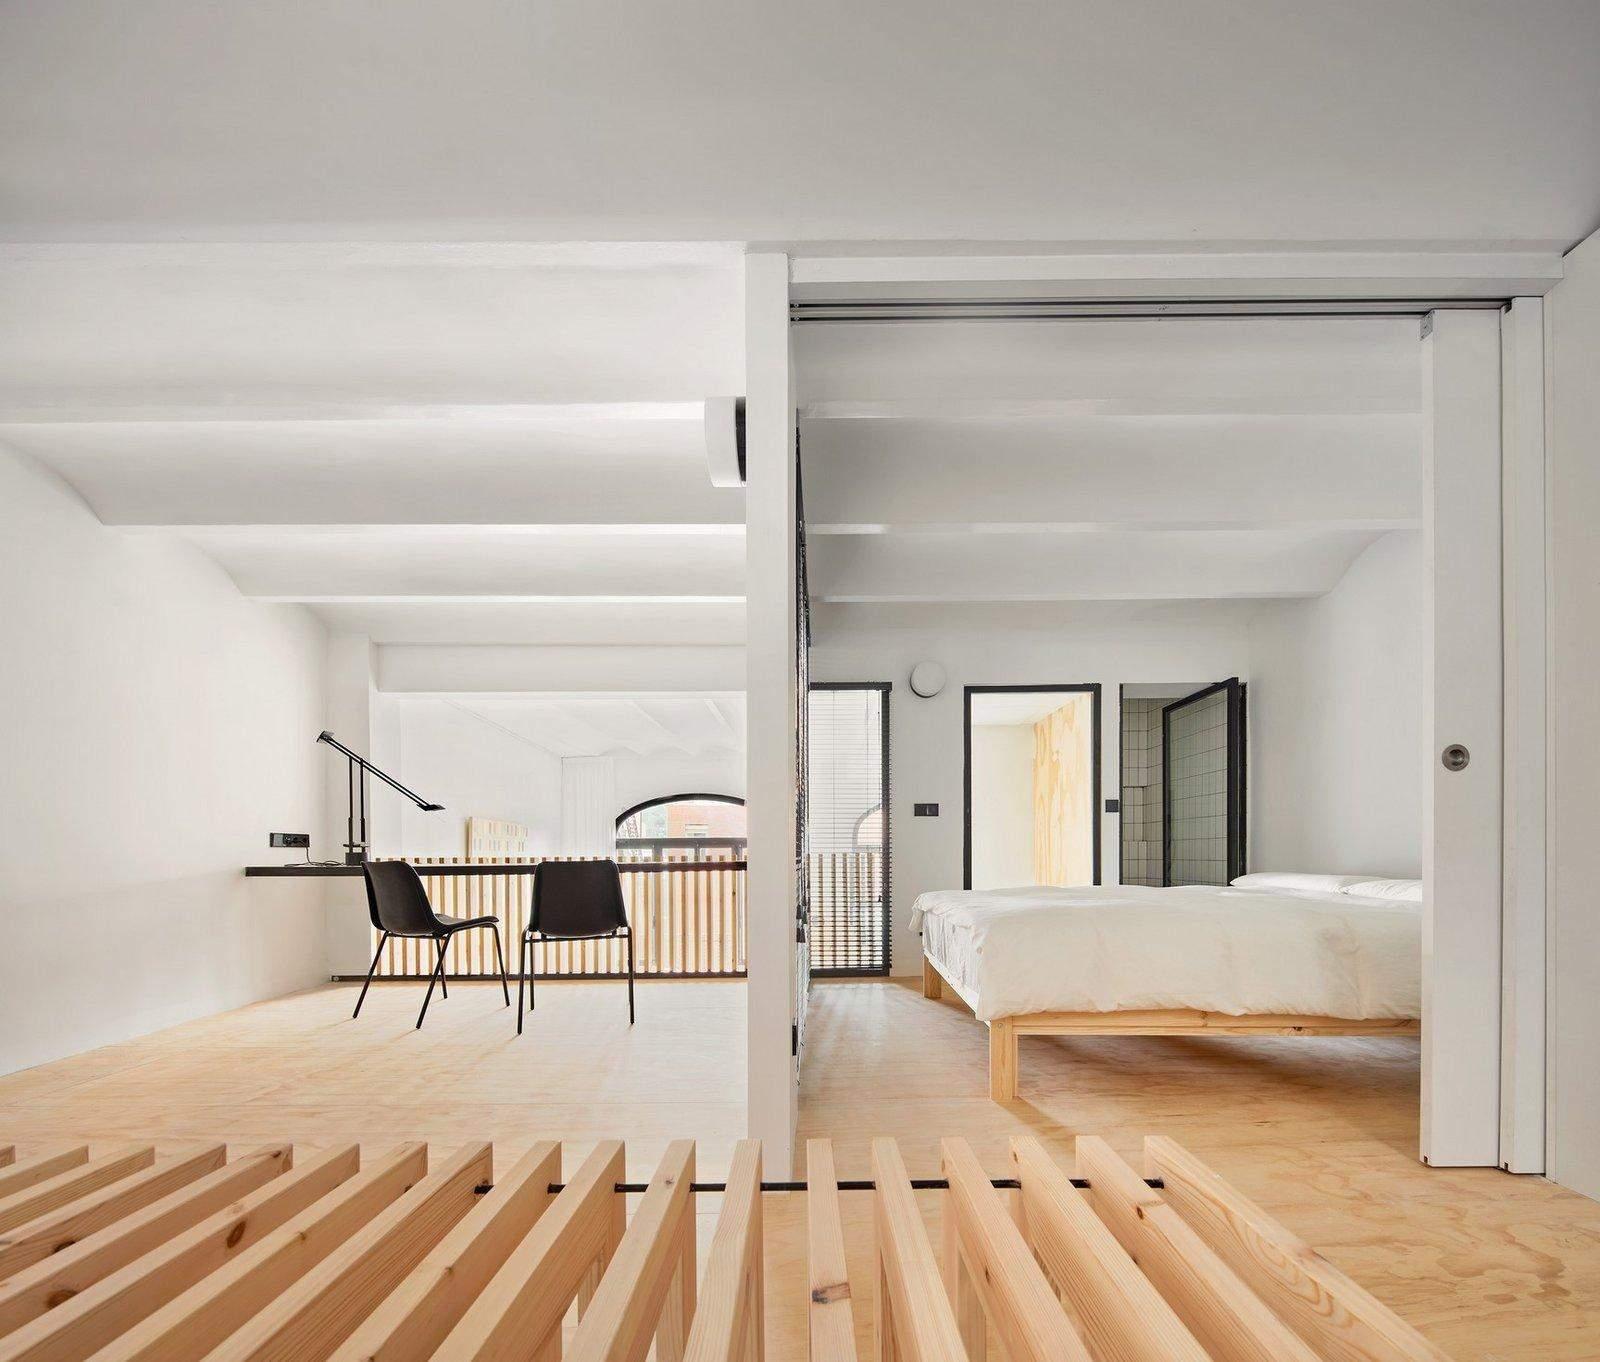 З закинутого приміщення в просторий дім: фото мінімалістичного проєкту в Барселоні